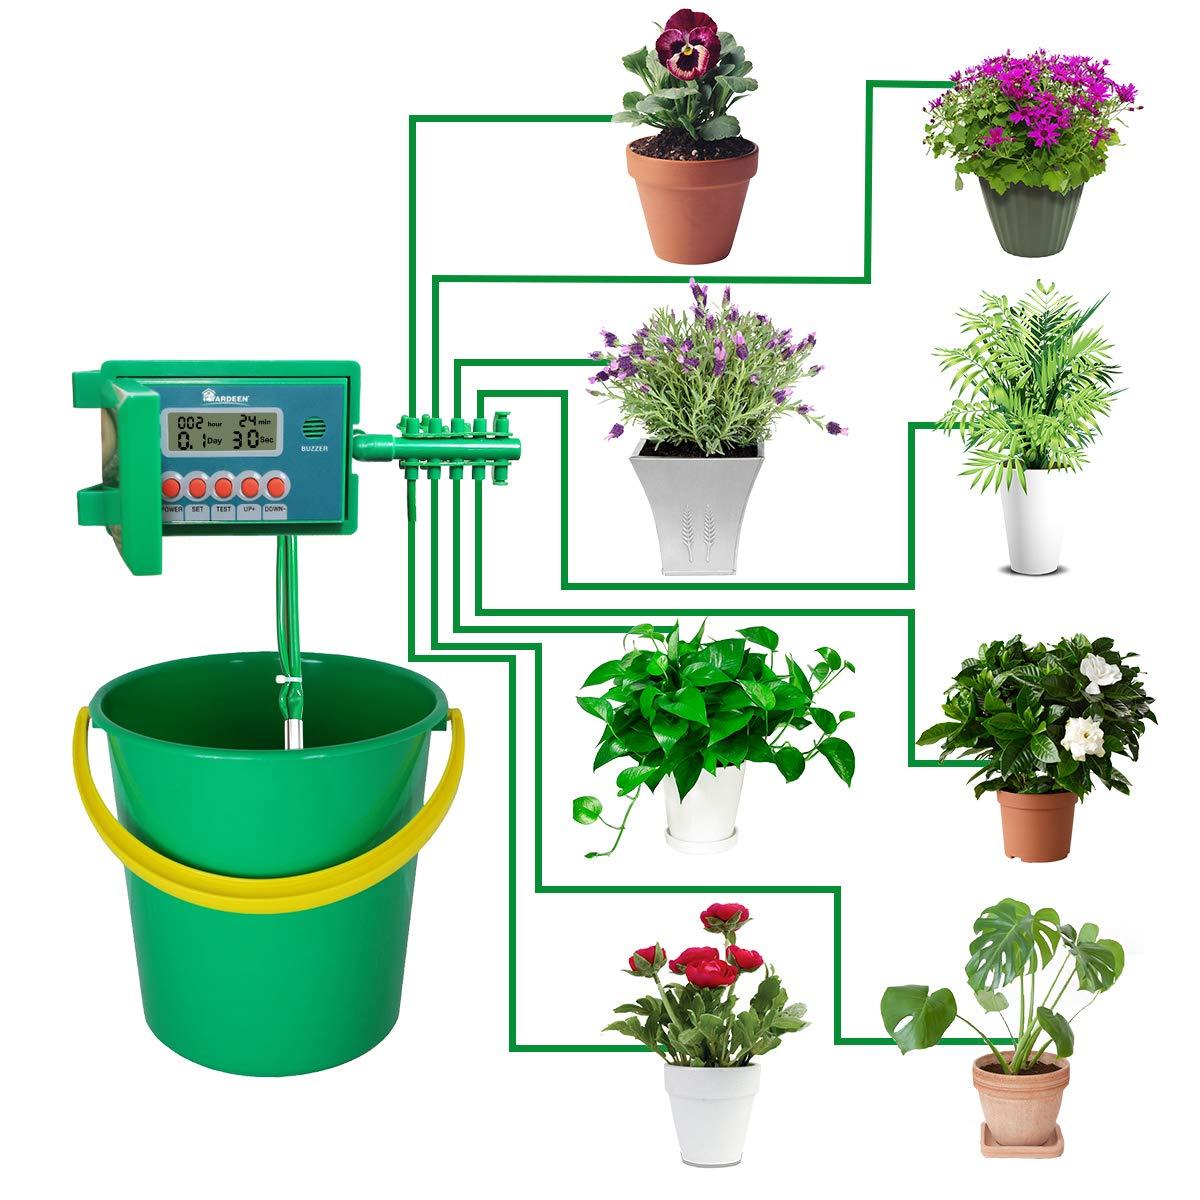 color verde Yardeen Timer intelligente per l/'innaffiatura con sistema automatico di controllo dell/'irrigazione a goccia